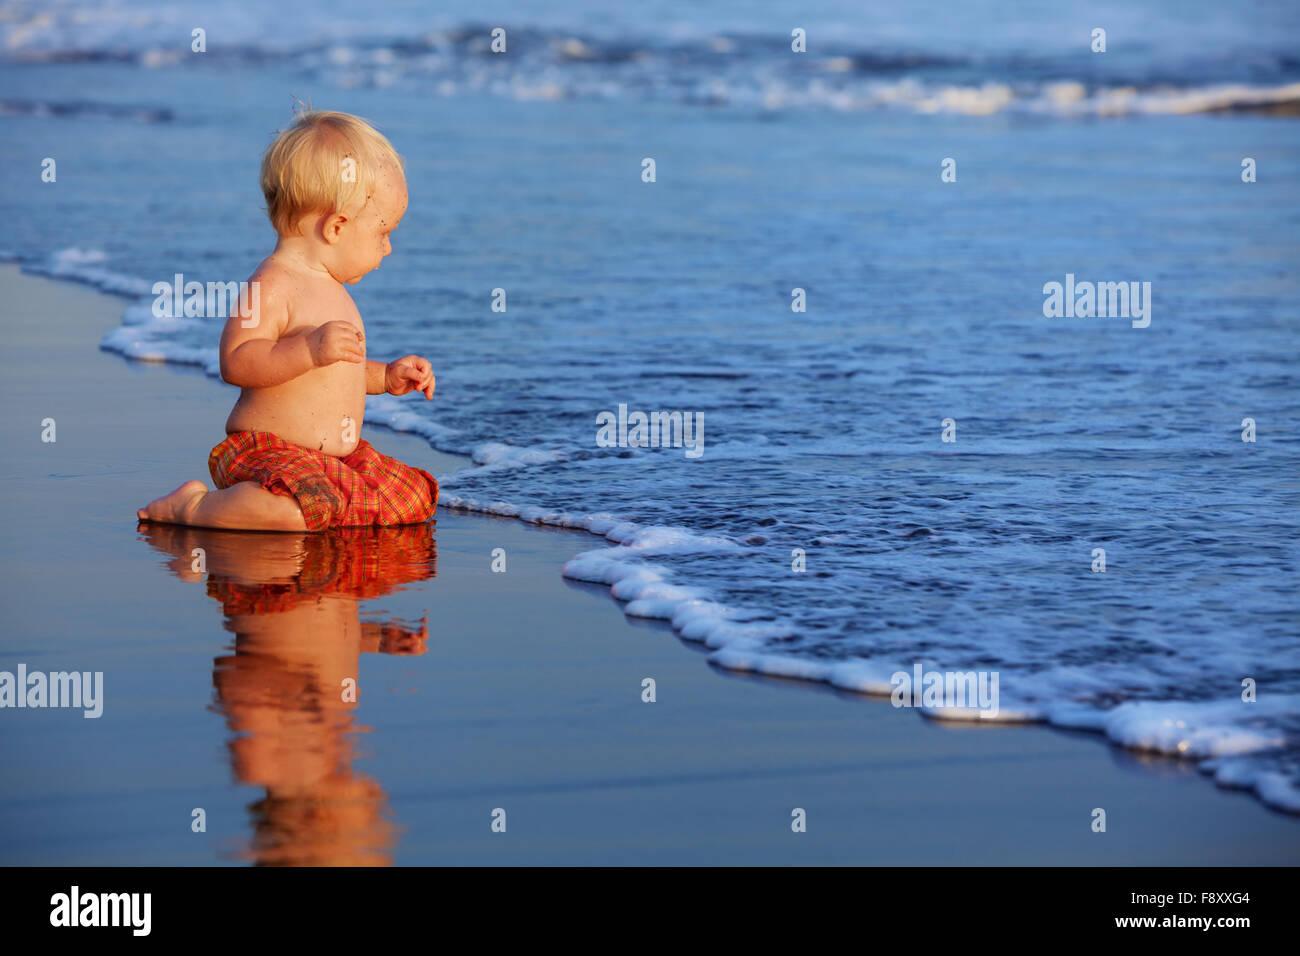 En sunset beach funny baby negro sentarse en la arena mojada y rastreo al mar para nadar en las olas de surf. Imagen De Stock